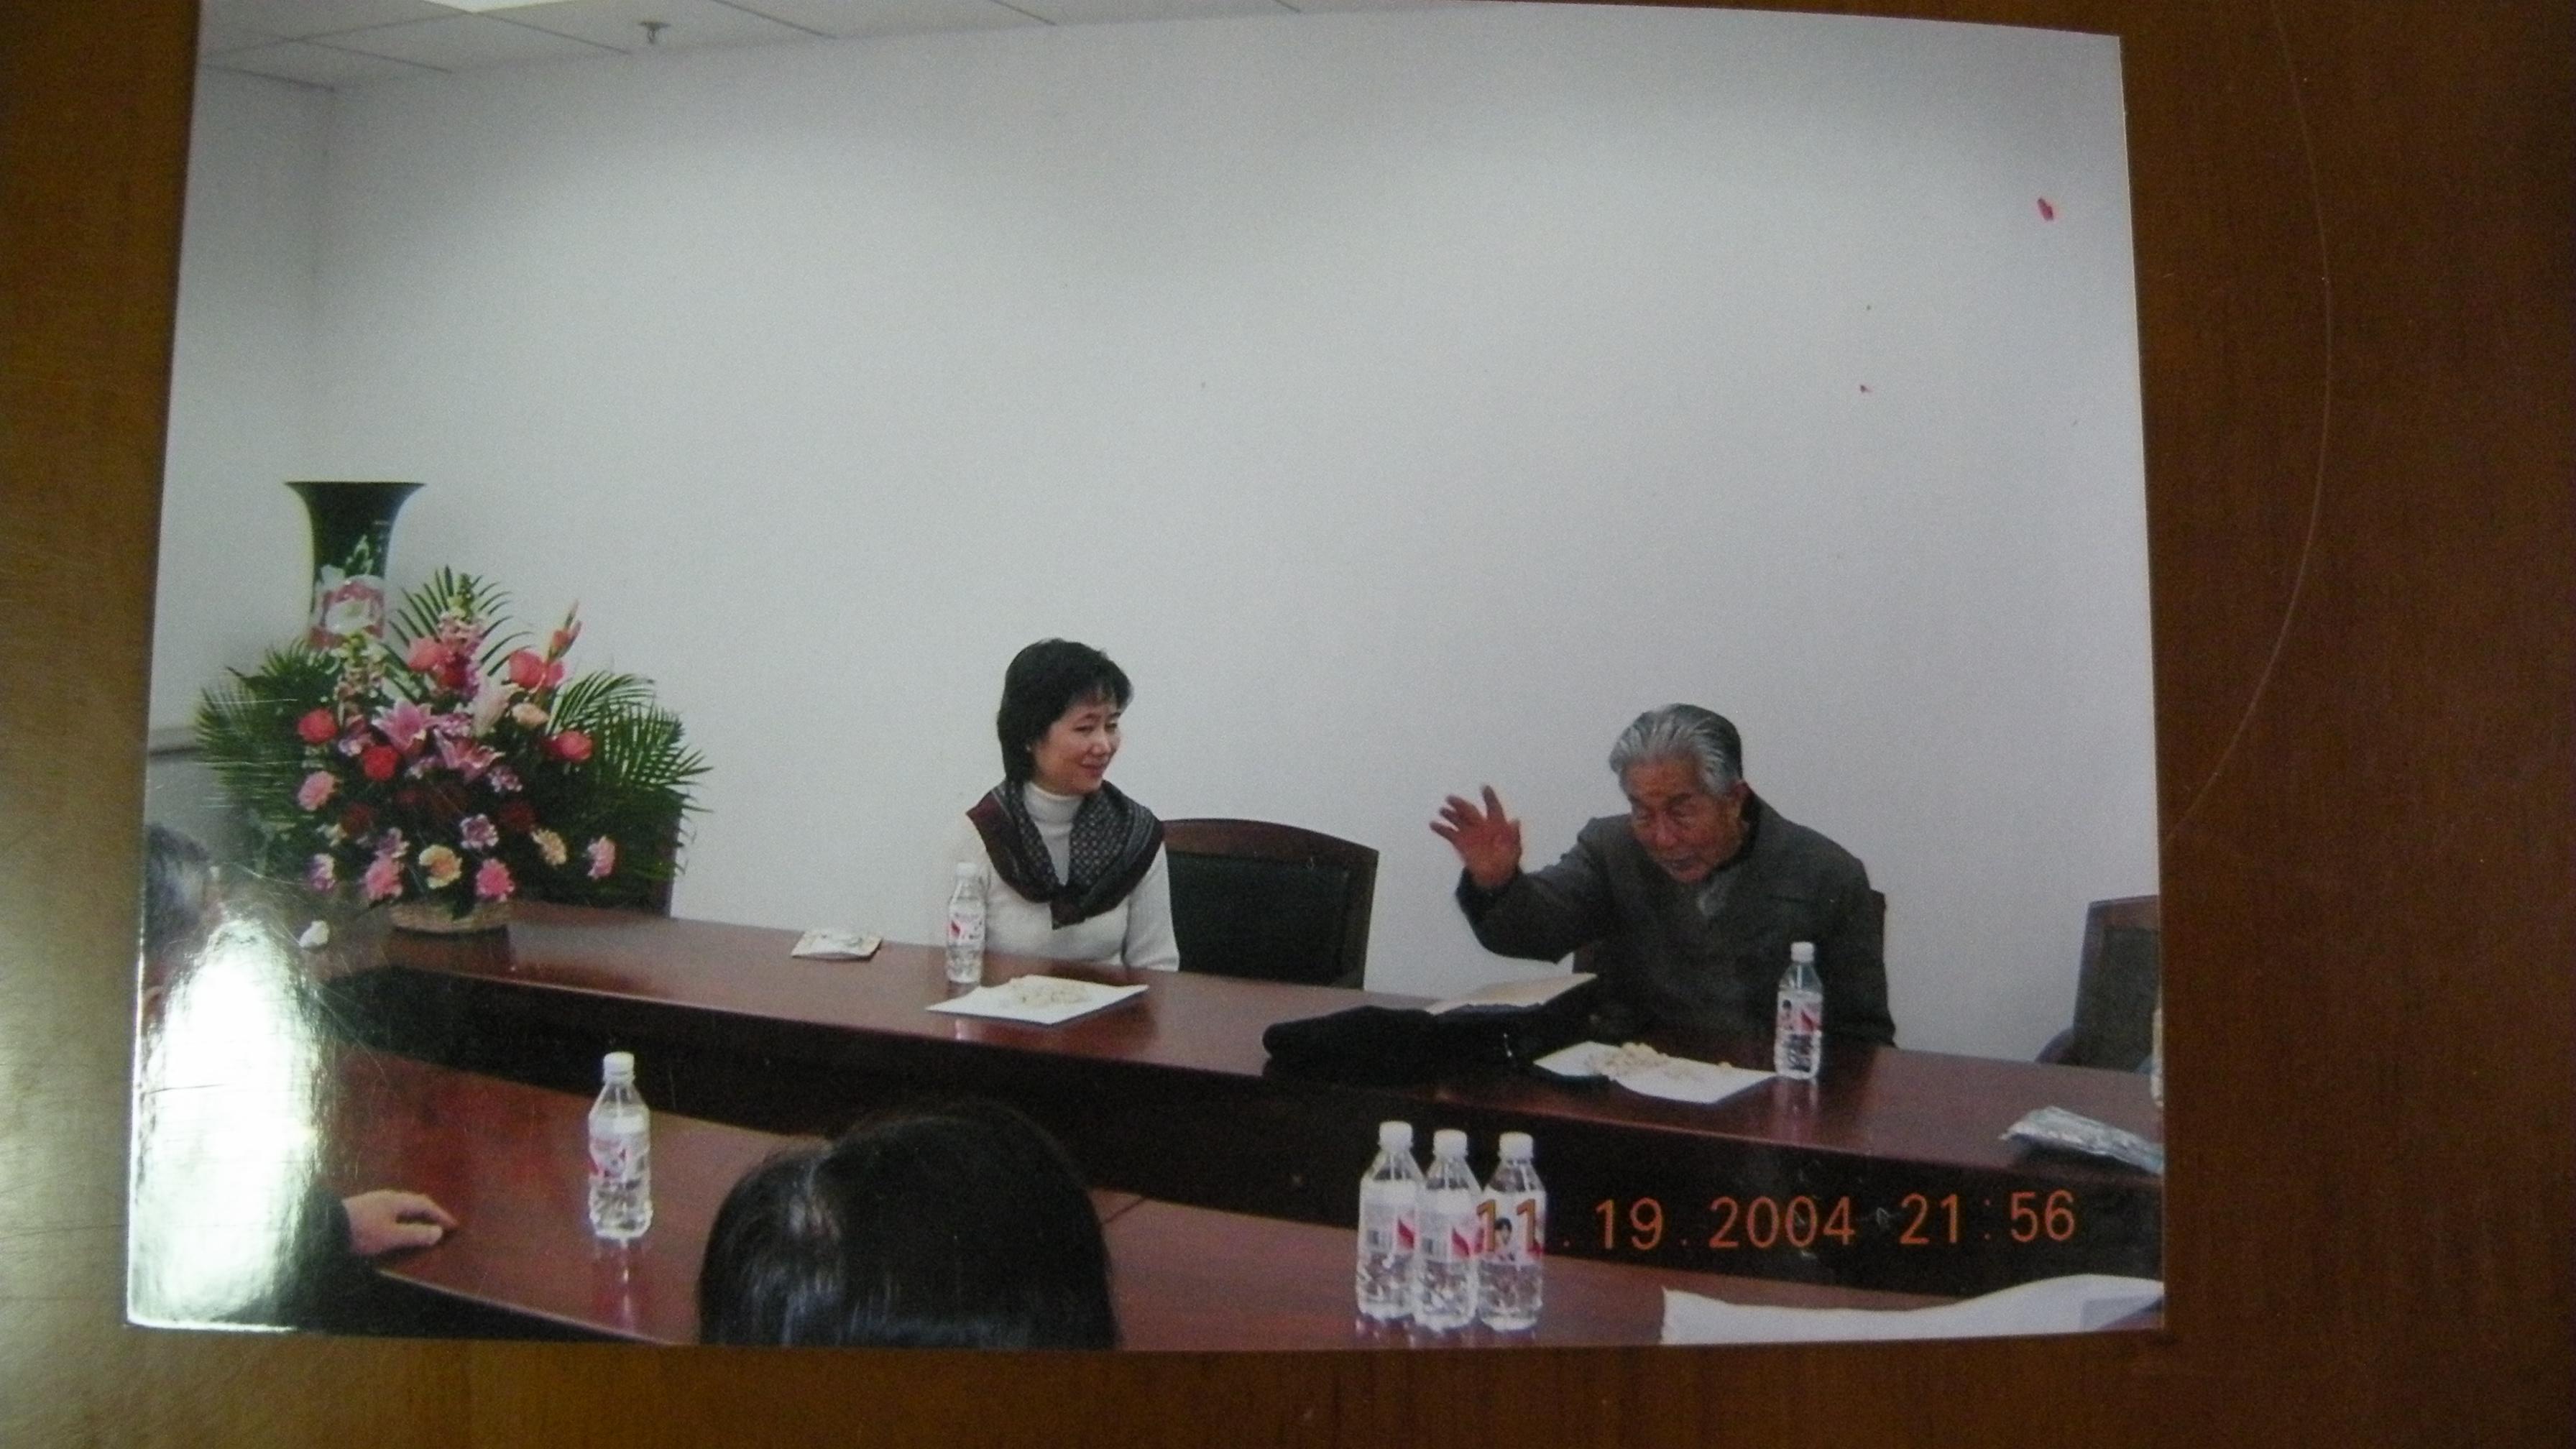 三21 2004年11月19日在北师大聚会时邓蜀生谈1944年印缅战线.JPG